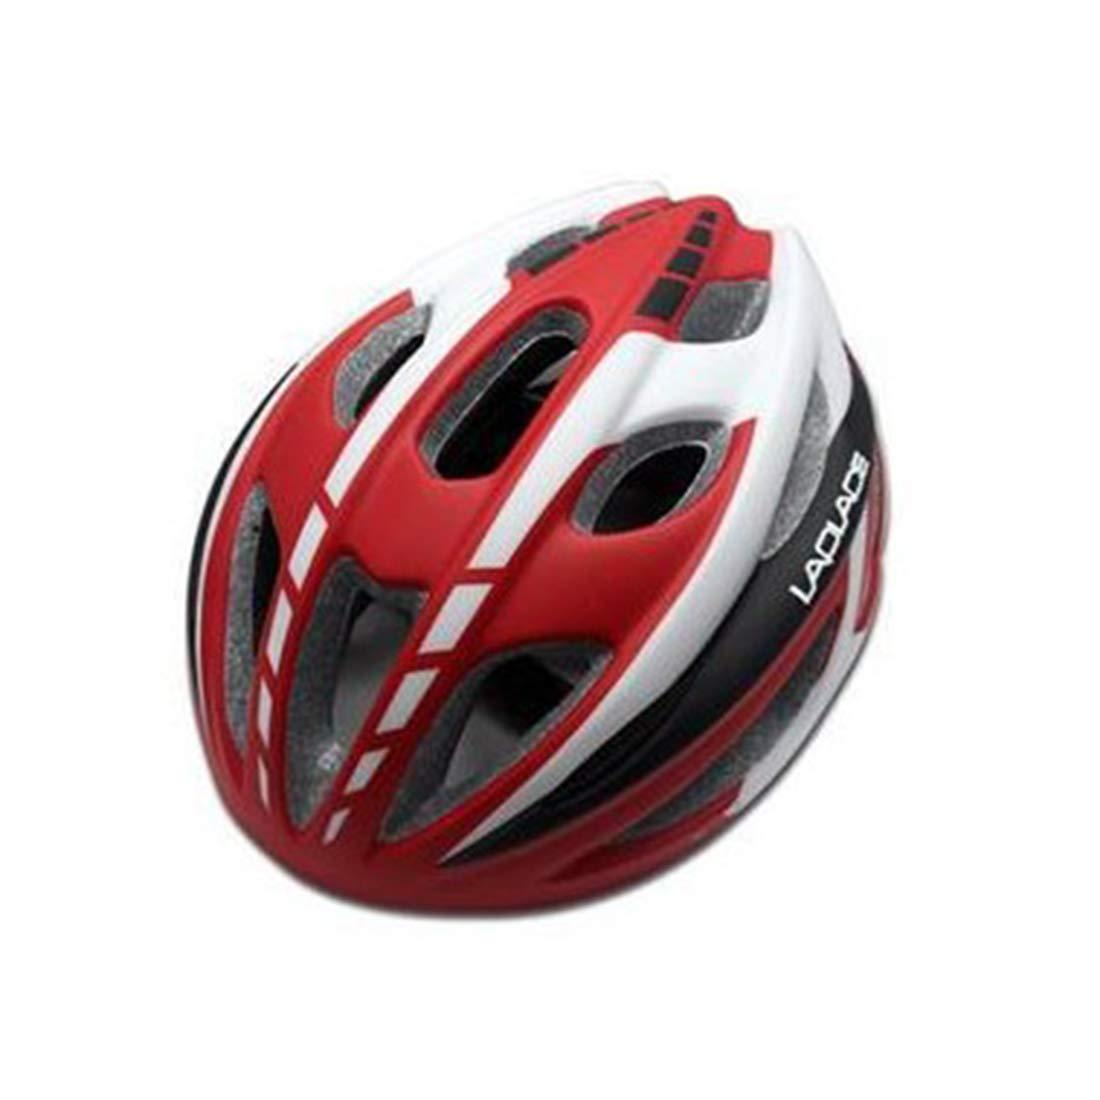 JESSIEKERVIN YY3 Fahrradhelm, Fahrrad-Schutzhelm, Geeignet für Outdoor-Radsportler.